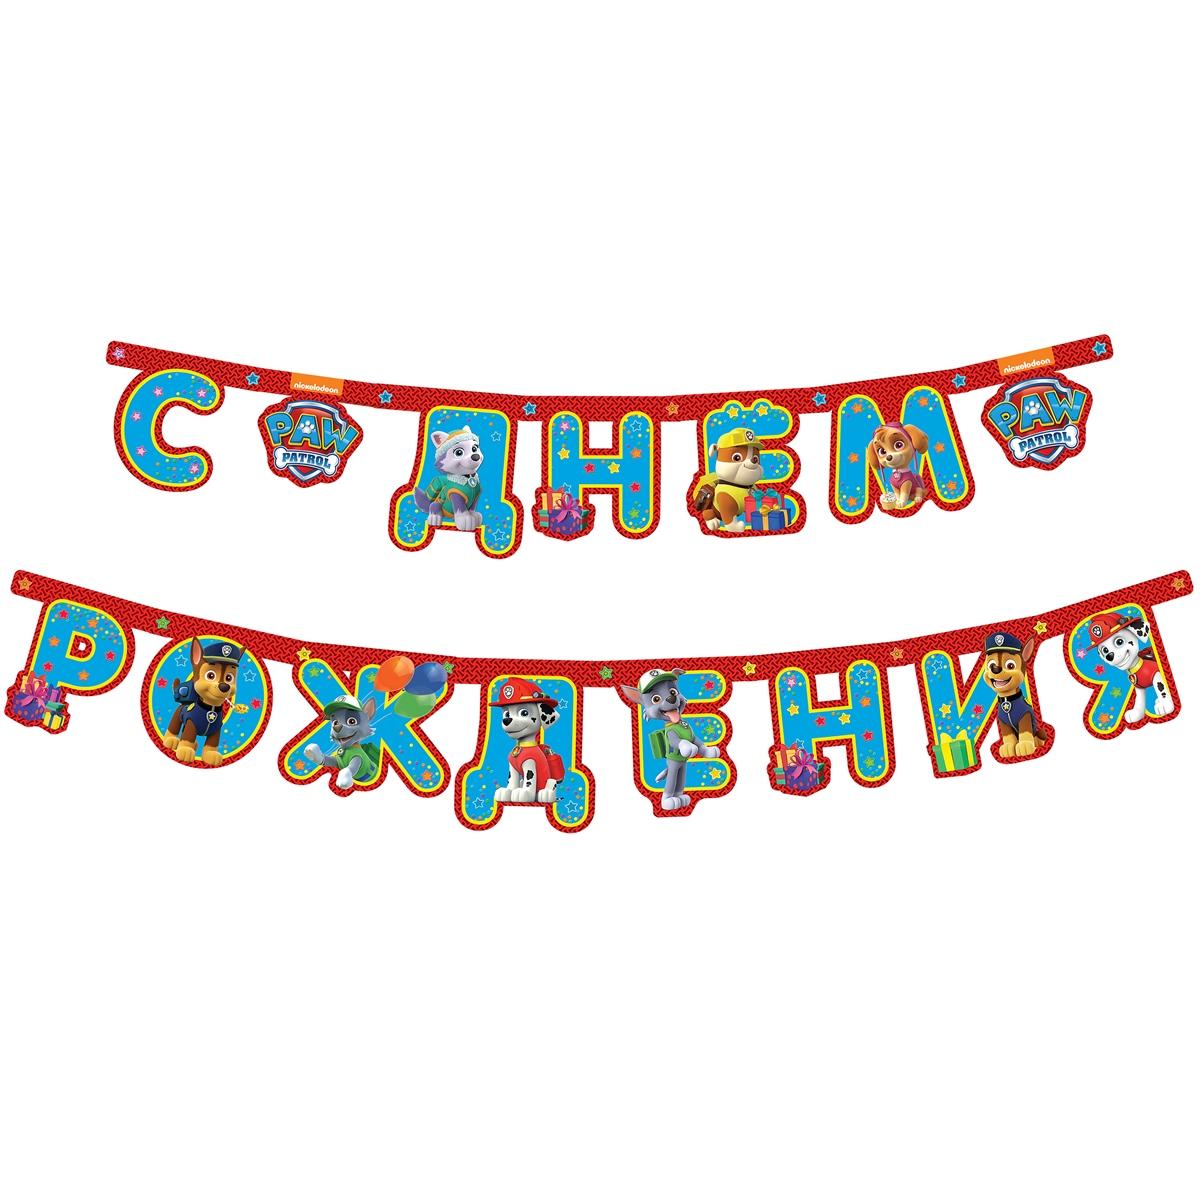 Гирлянда - C днем рождения из серии Щенячий патруль, 2, 5 метров, Росмэн  - купить со скидкой